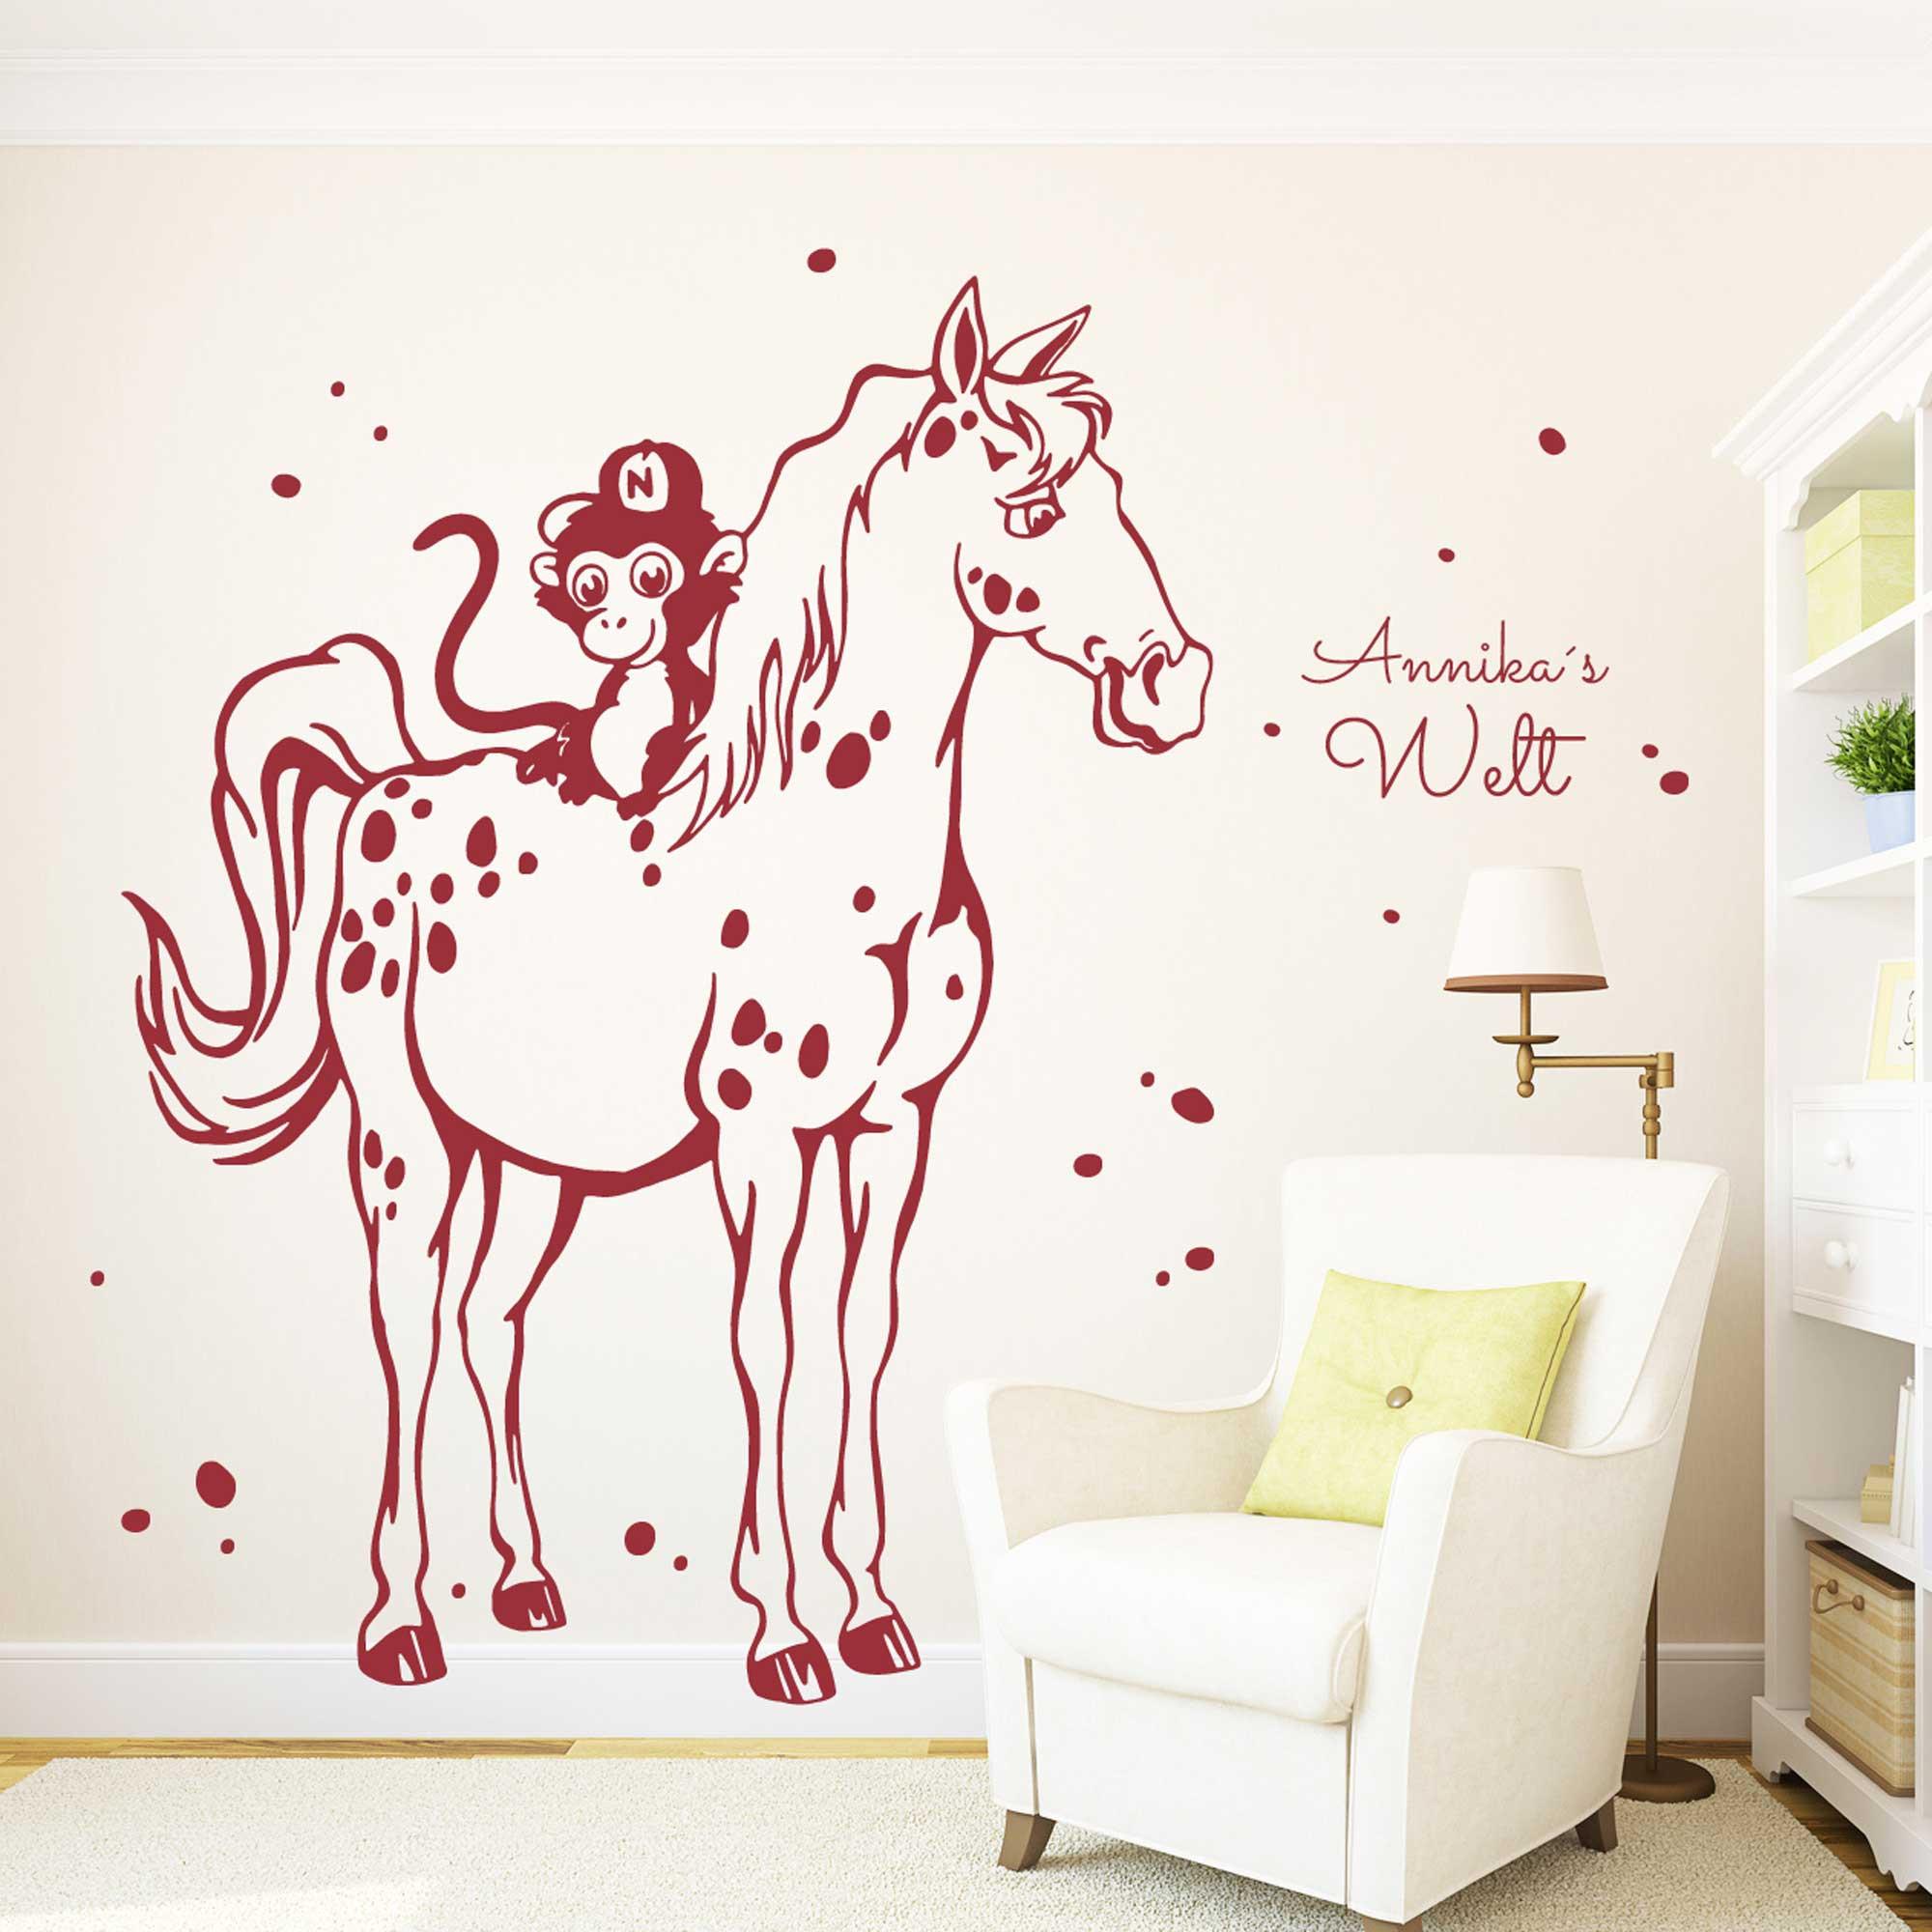 Full Size of Wandtattoo Pferd Schimmel Kleiner Onkel Mit Affe Und Wunschnamen Kinderzimmer Regal Sofa Weiß Regale Kinderzimmer Kinderzimmer Pferd